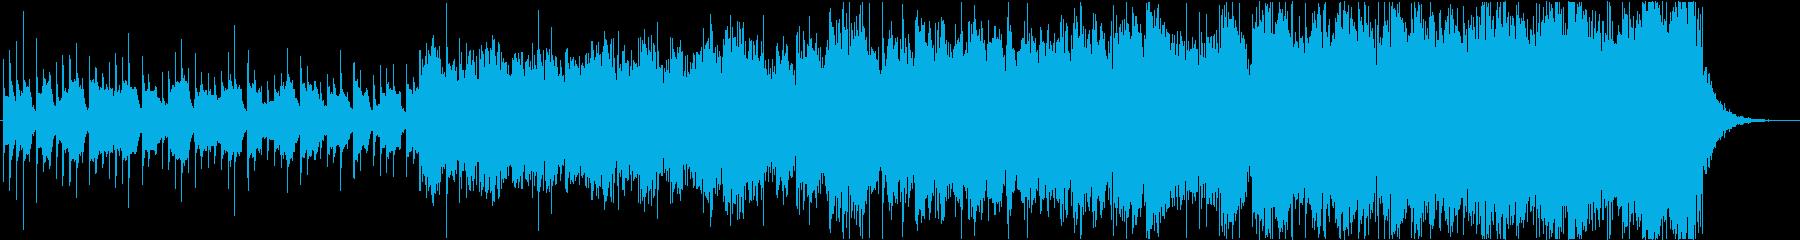 アンビエント、シネマティックの再生済みの波形